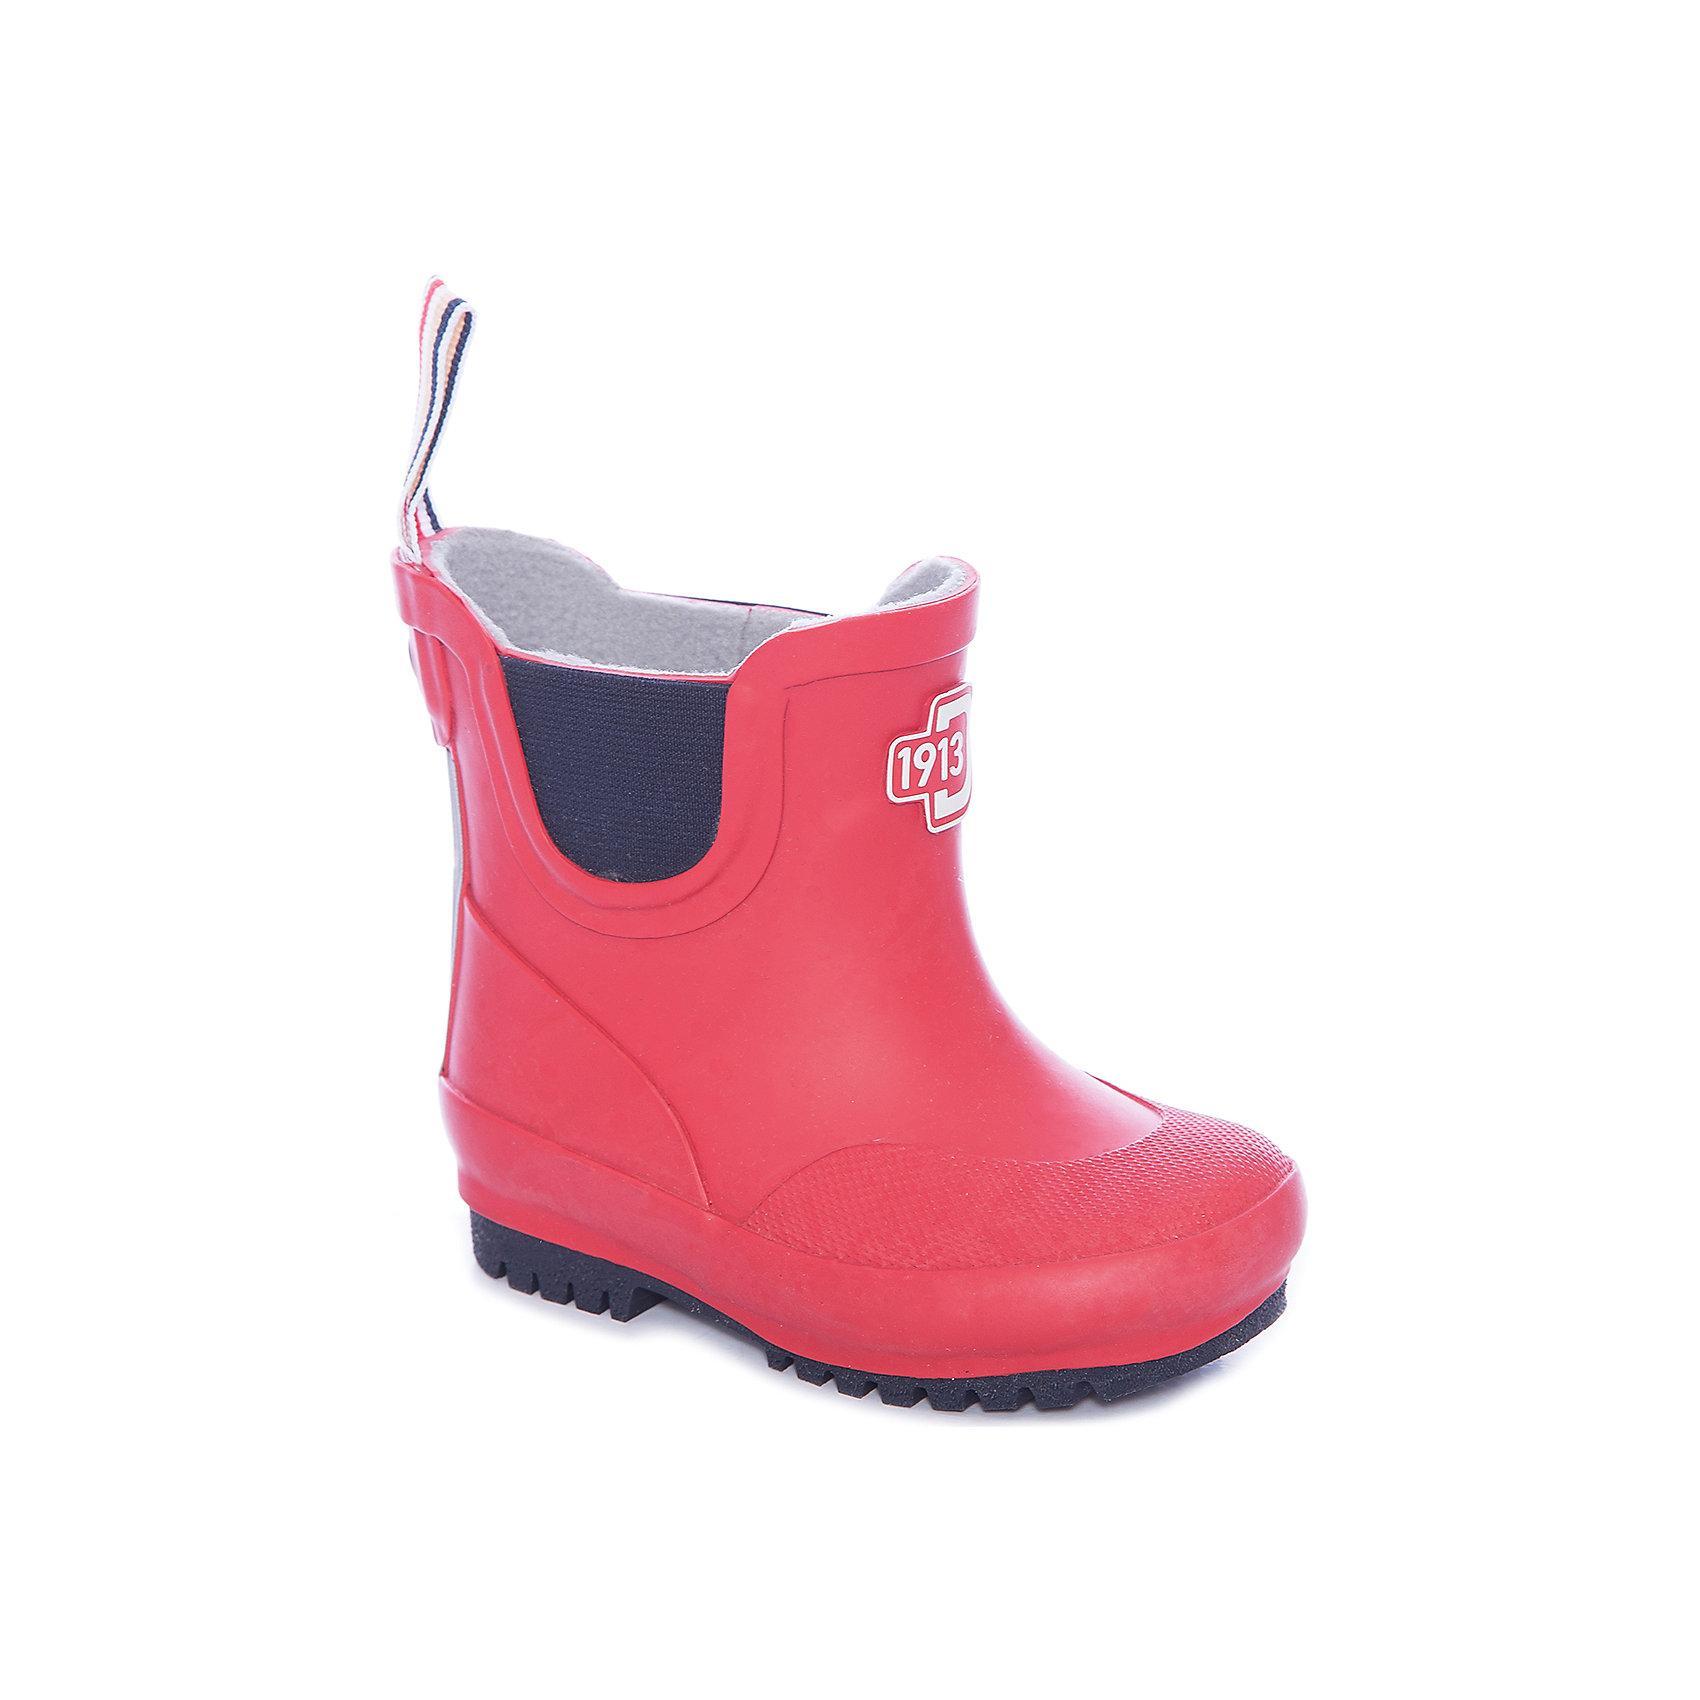 Резиновые сапоги CULLEN  DIDRIKSONSРезиновые сапоги<br>Яркие резиновые сапоги  из натурального каучука - практичная и удобная обувь для дождливой погоды. Мягкая текстильная подкладка из полиэстера обеспечит тепло и комфорт при носке. Ортопедическая стелька вынимается. Рельефная подошва предотвратит скольжение. <br>Состав:<br>Верх - 100% каучук, подкладка - 100% полиэстер<br><br>Ширина мм: 237<br>Глубина мм: 180<br>Высота мм: 152<br>Вес г: 438<br>Цвет: розовый<br>Возраст от месяцев: 9<br>Возраст до месяцев: 12<br>Пол: Унисекс<br>Возраст: Детский<br>Размер: 20<br>SKU: 5527212